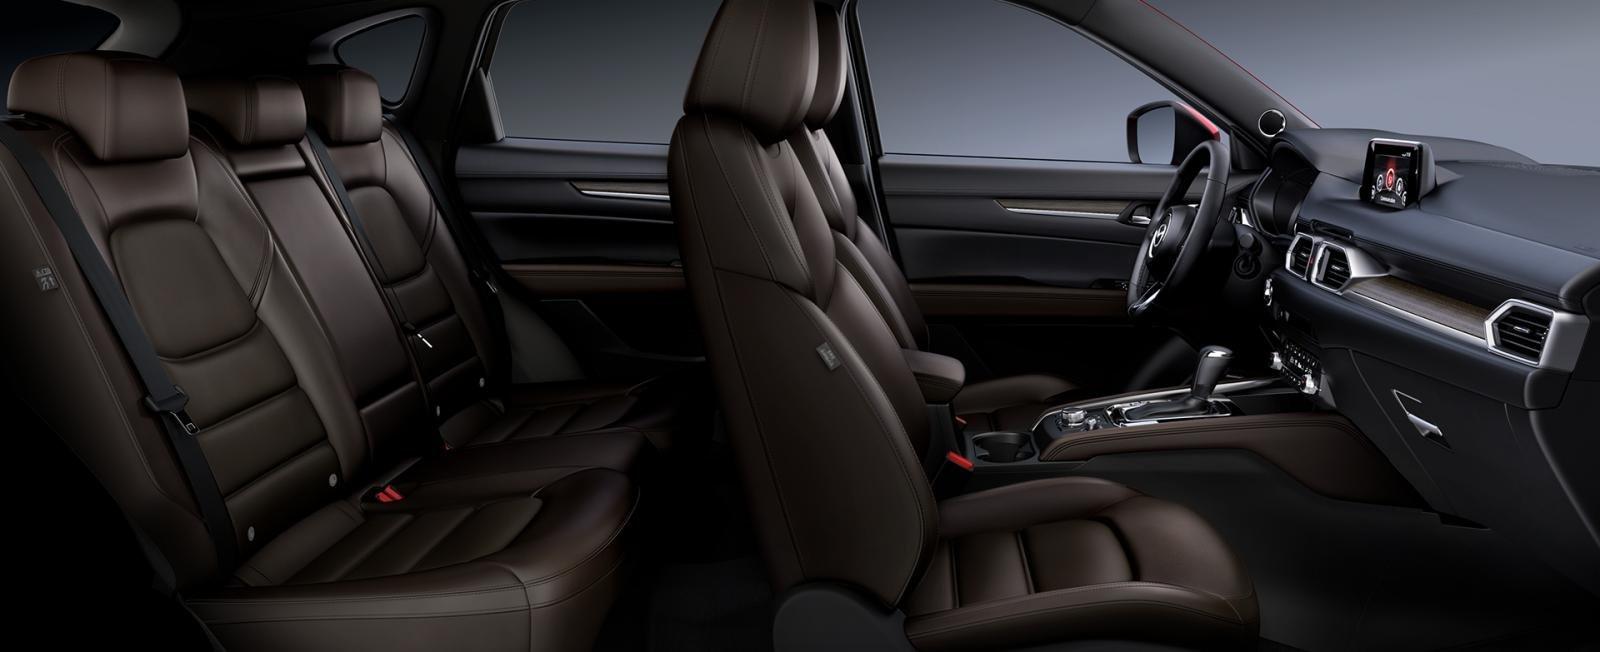 Đánh giá xe Mazda CX-5 2019: Nội thất bọc da nâu đã không có mặt trên phiên bản mới.